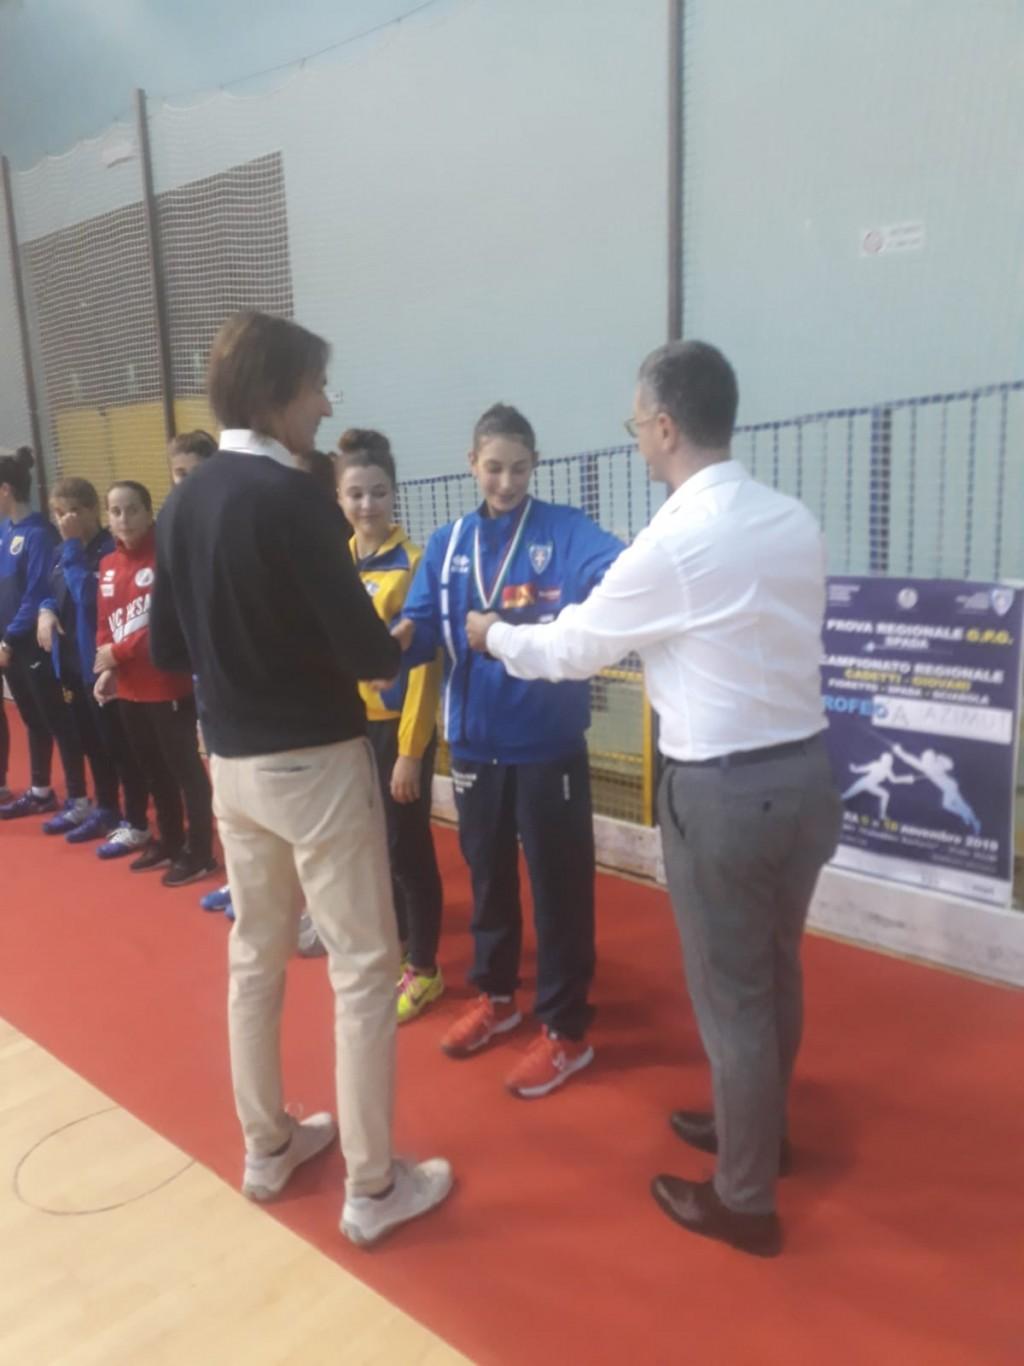 Campionato Regionale Cadetti-Giovani di fioretto, spada e sciabola - Pronovara